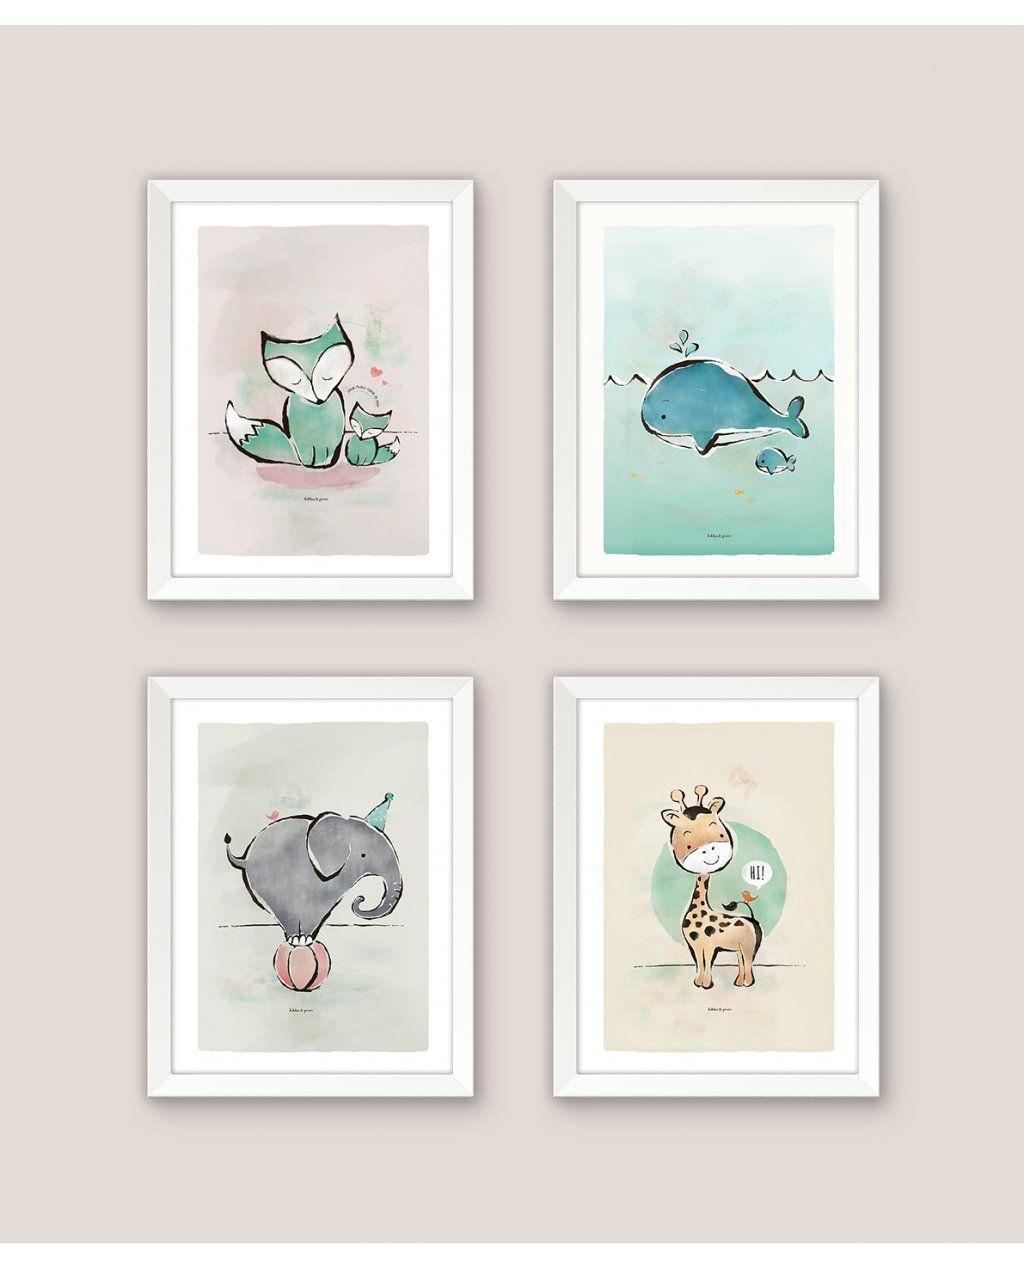 kinderkamer posters set van 4 #kinderkamer #poster #decoratie, Deco ideeën